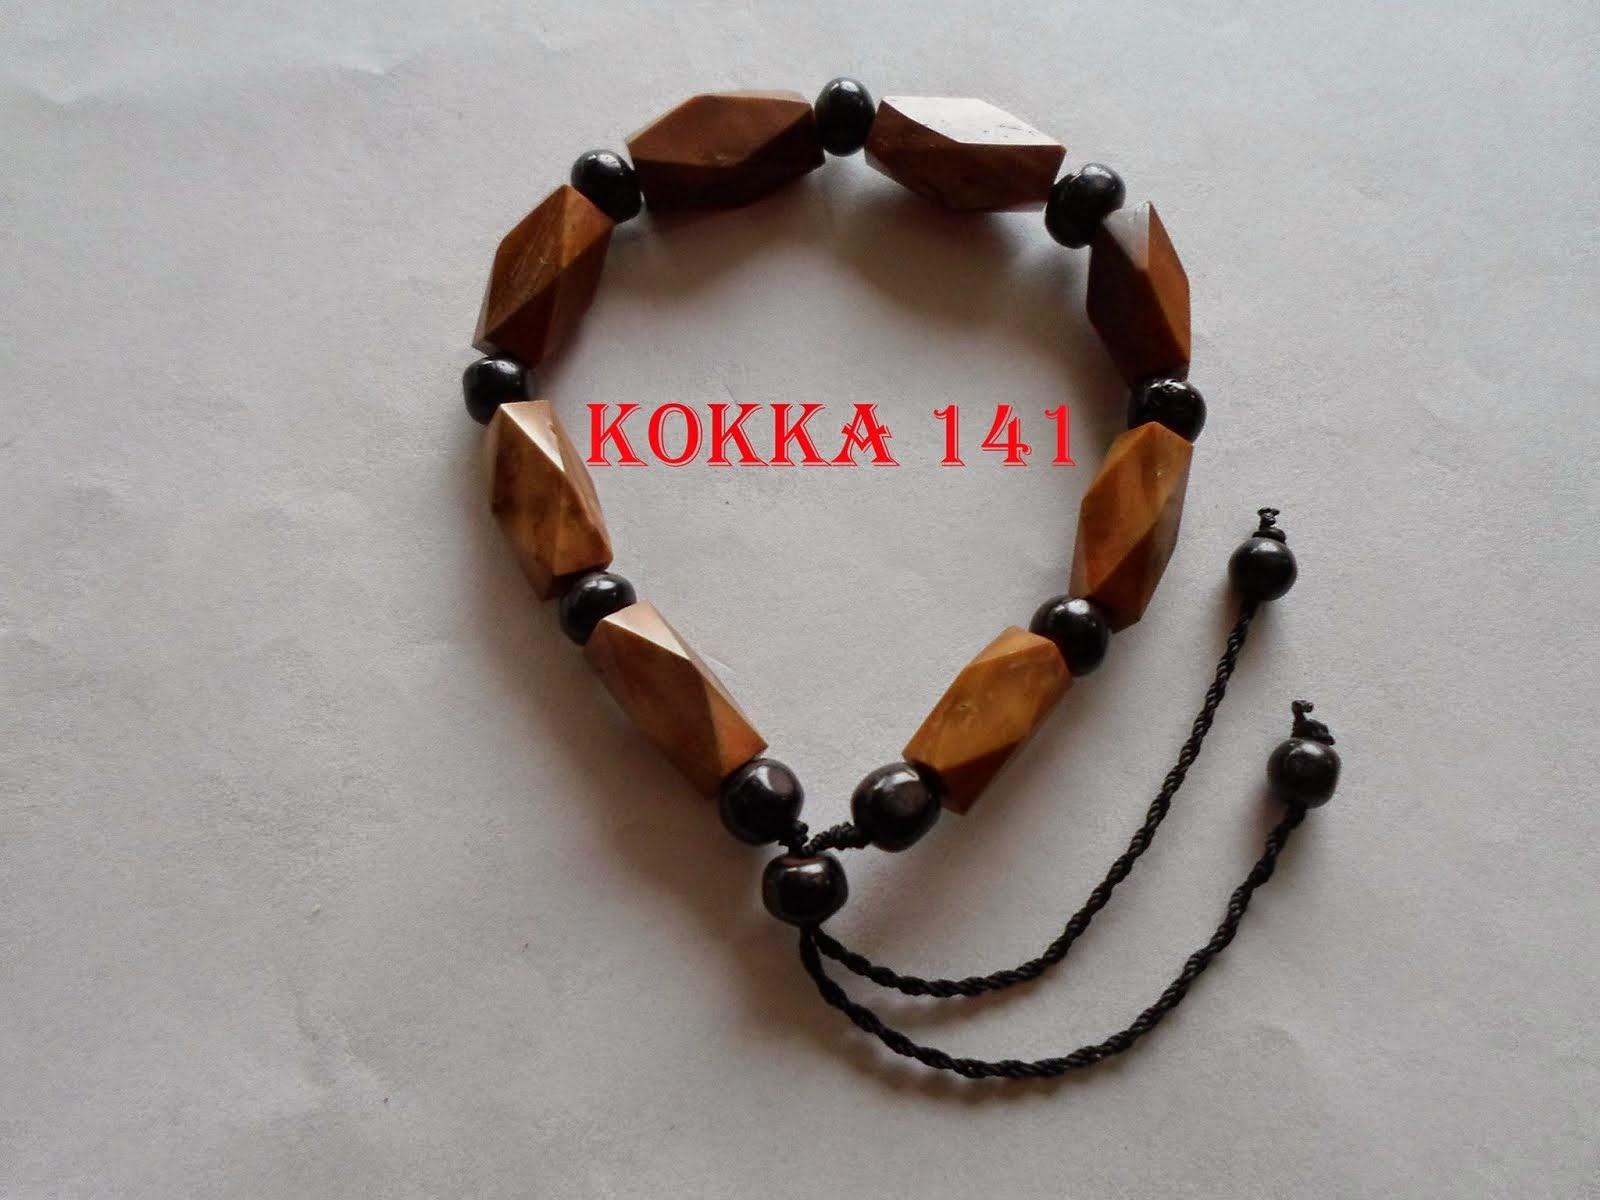 KOKKA 141